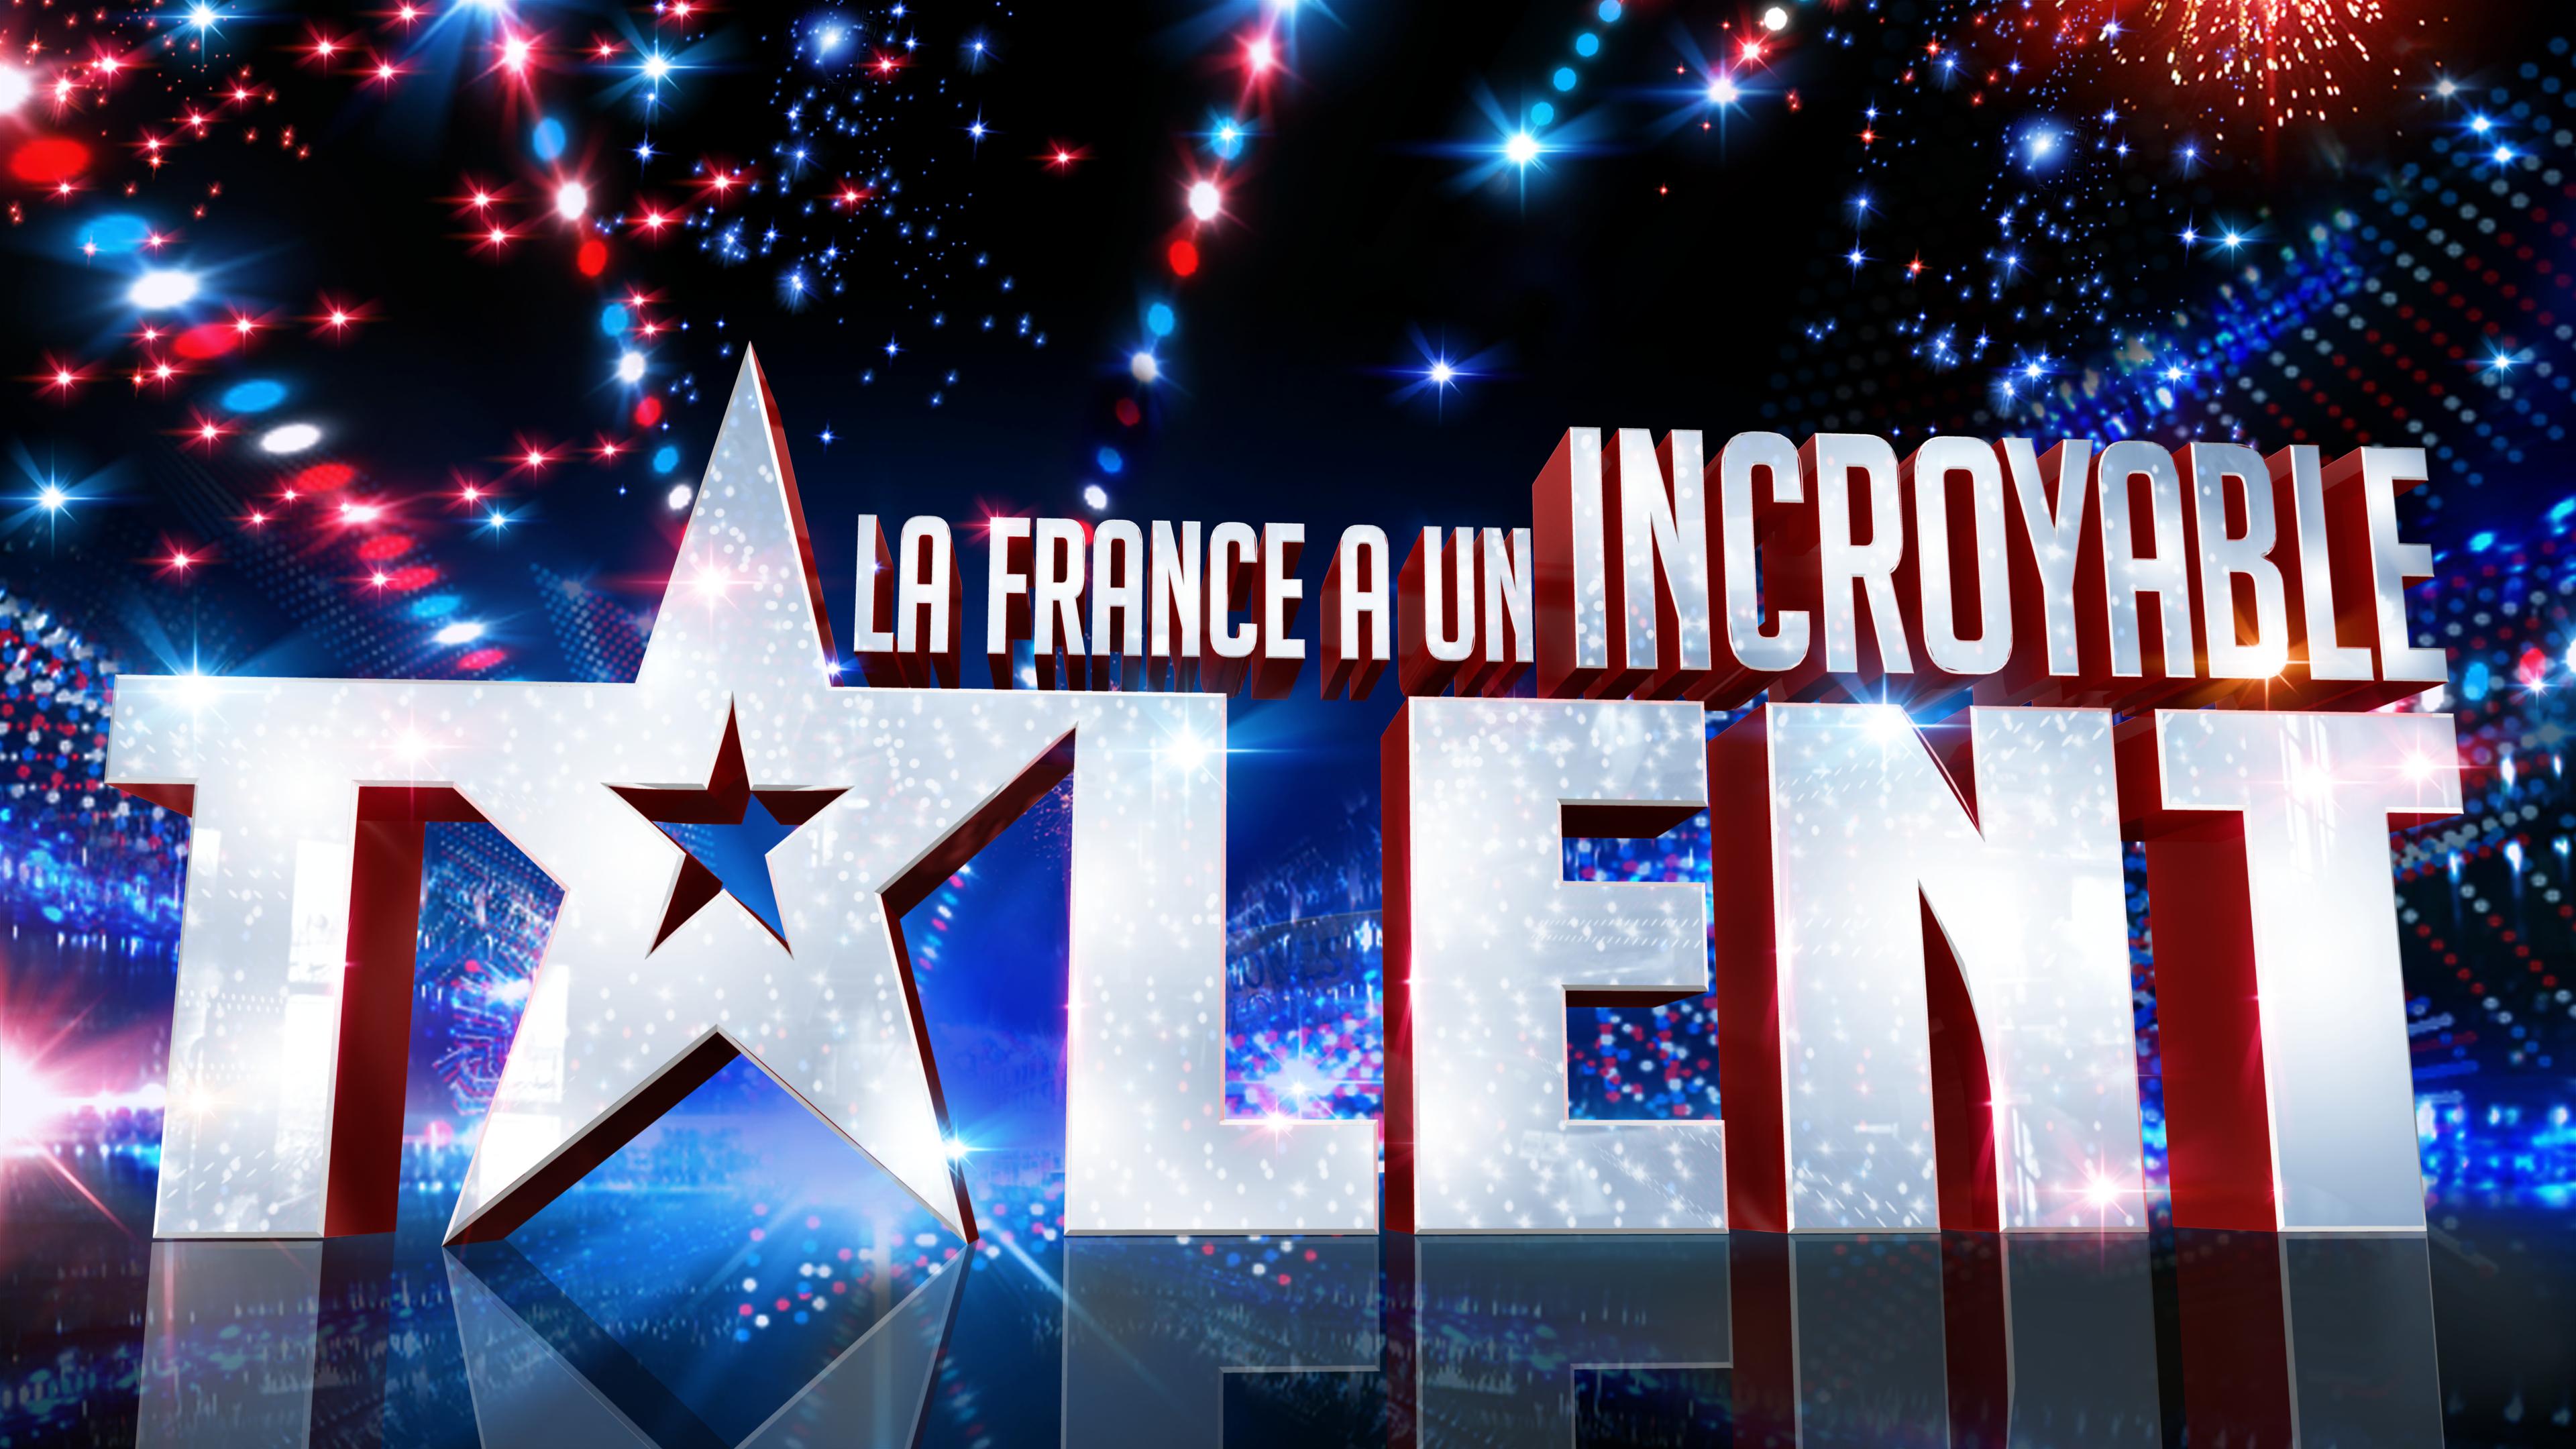 Comment s'inscrire et contacter la production ? Où se déroulent les auditions de La France a un incroyable talent ?